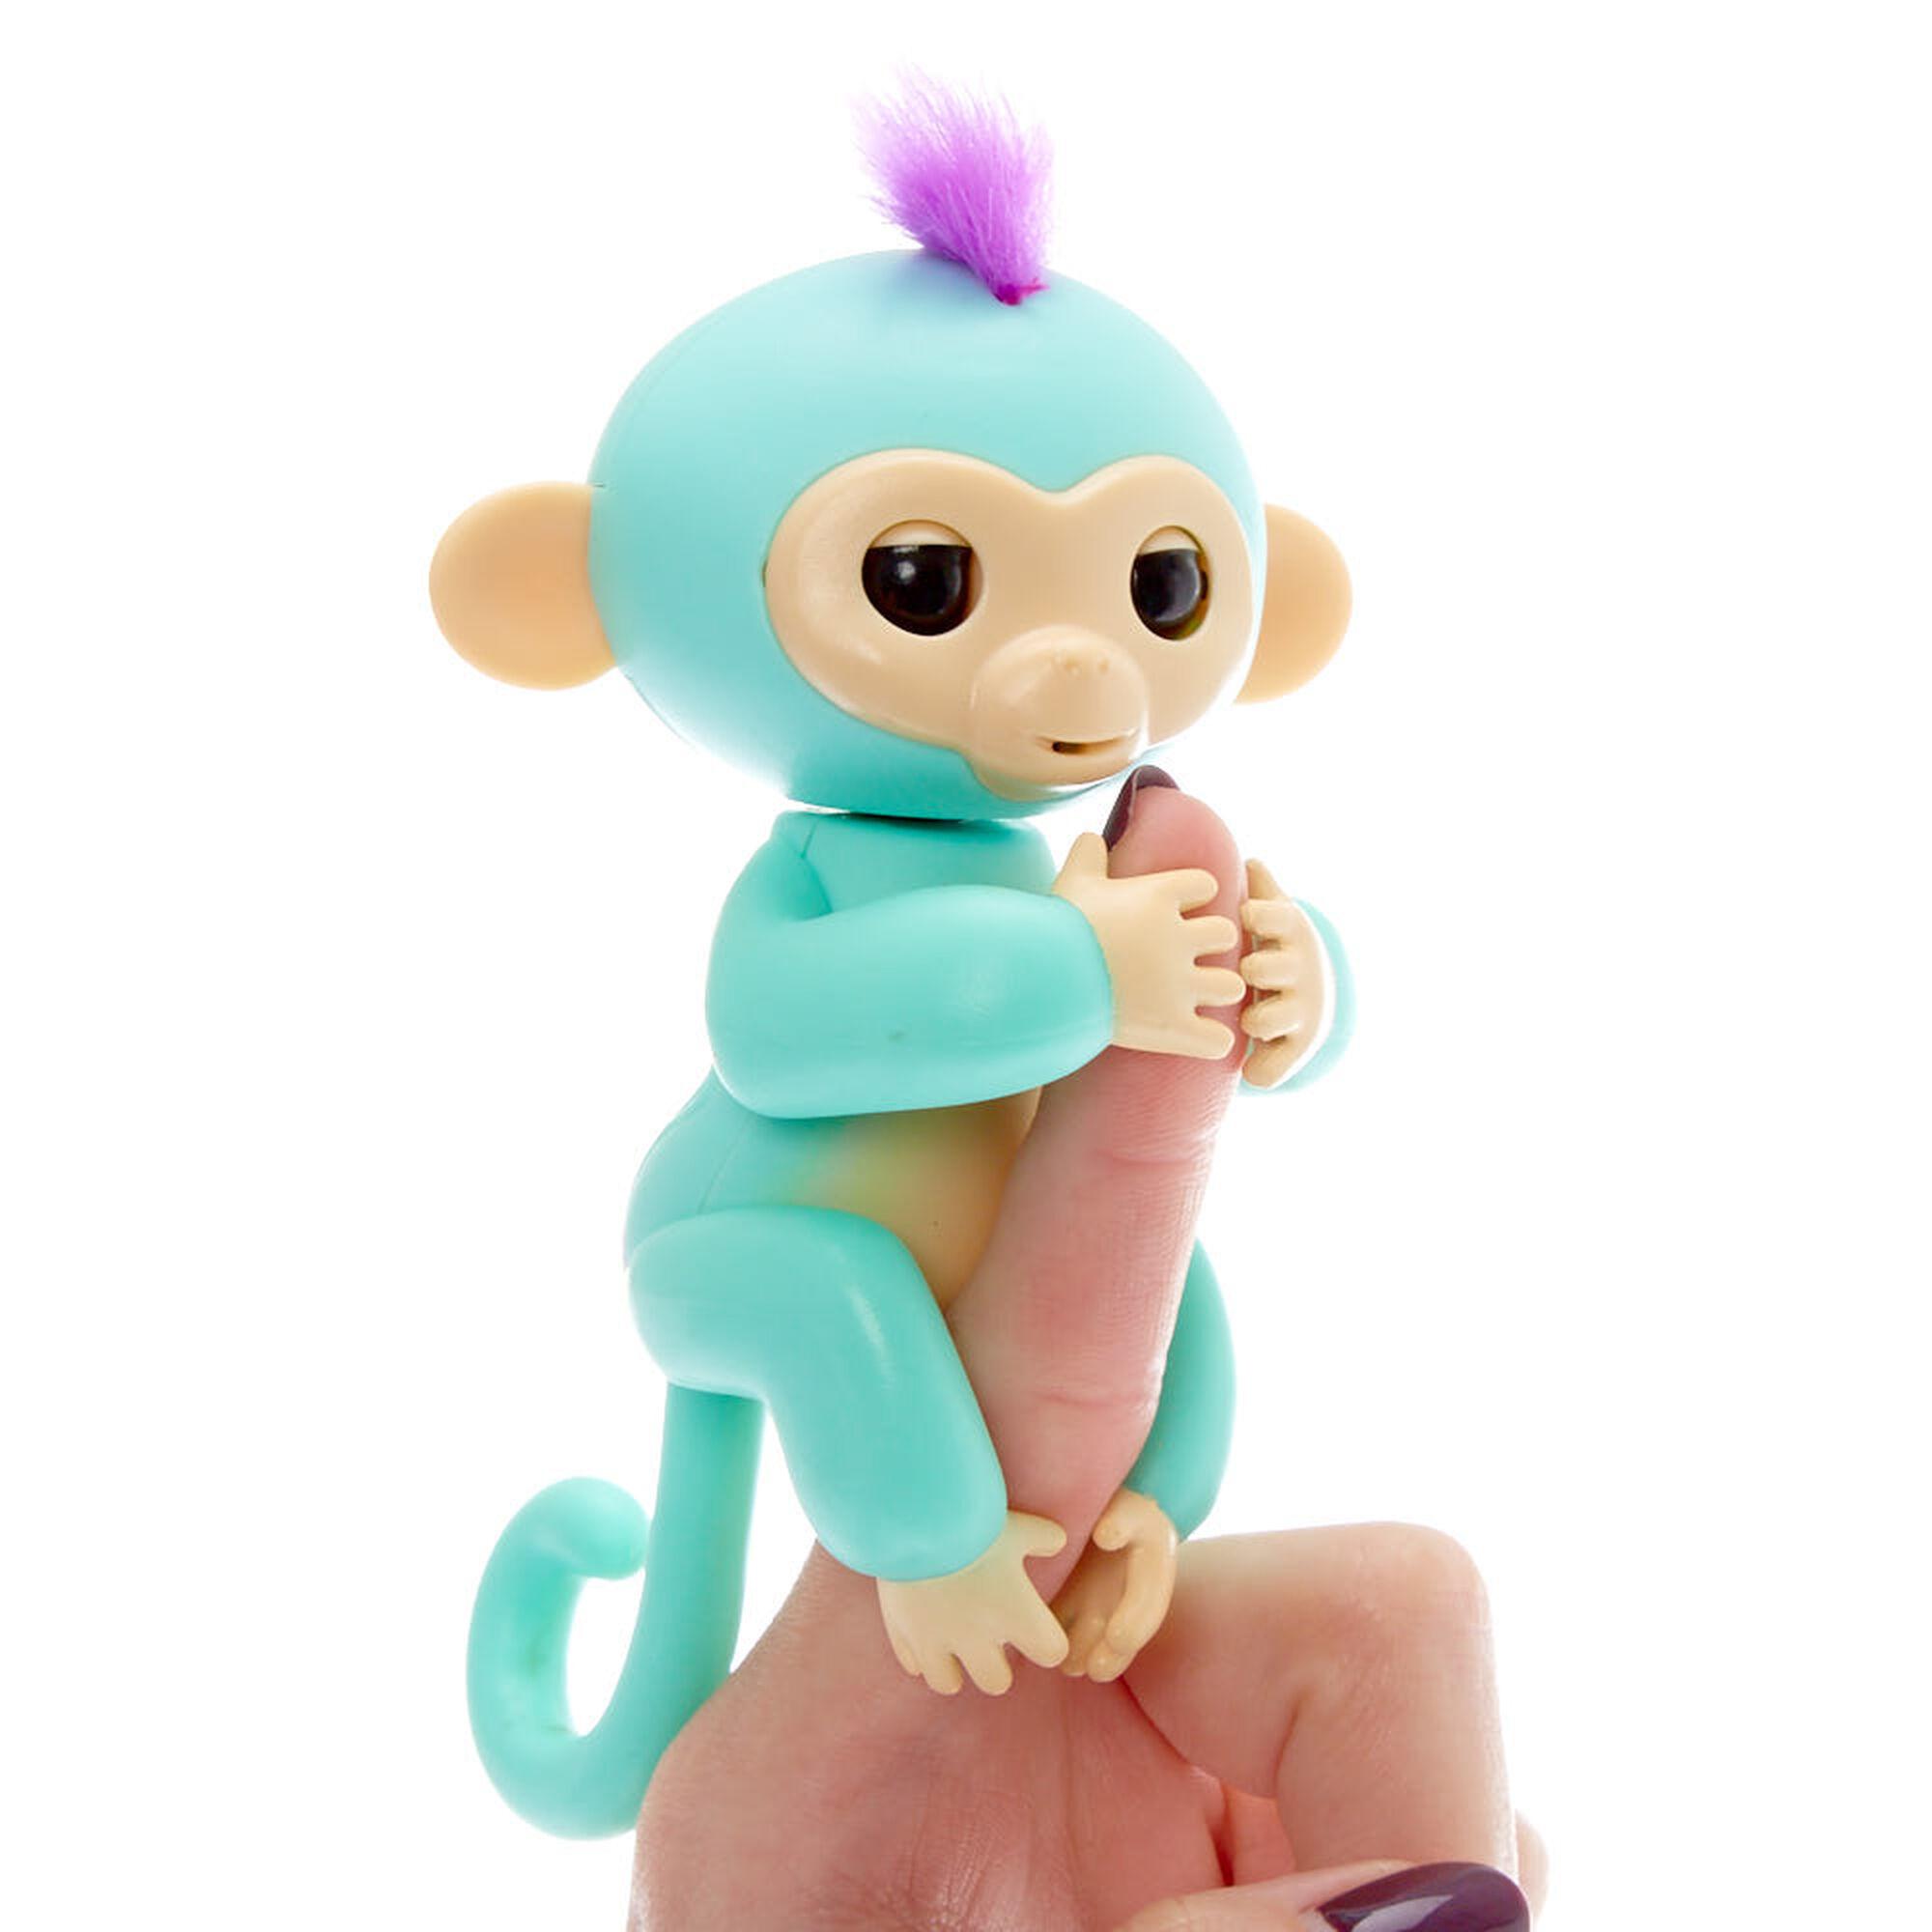 Fingerling Monkey Toy